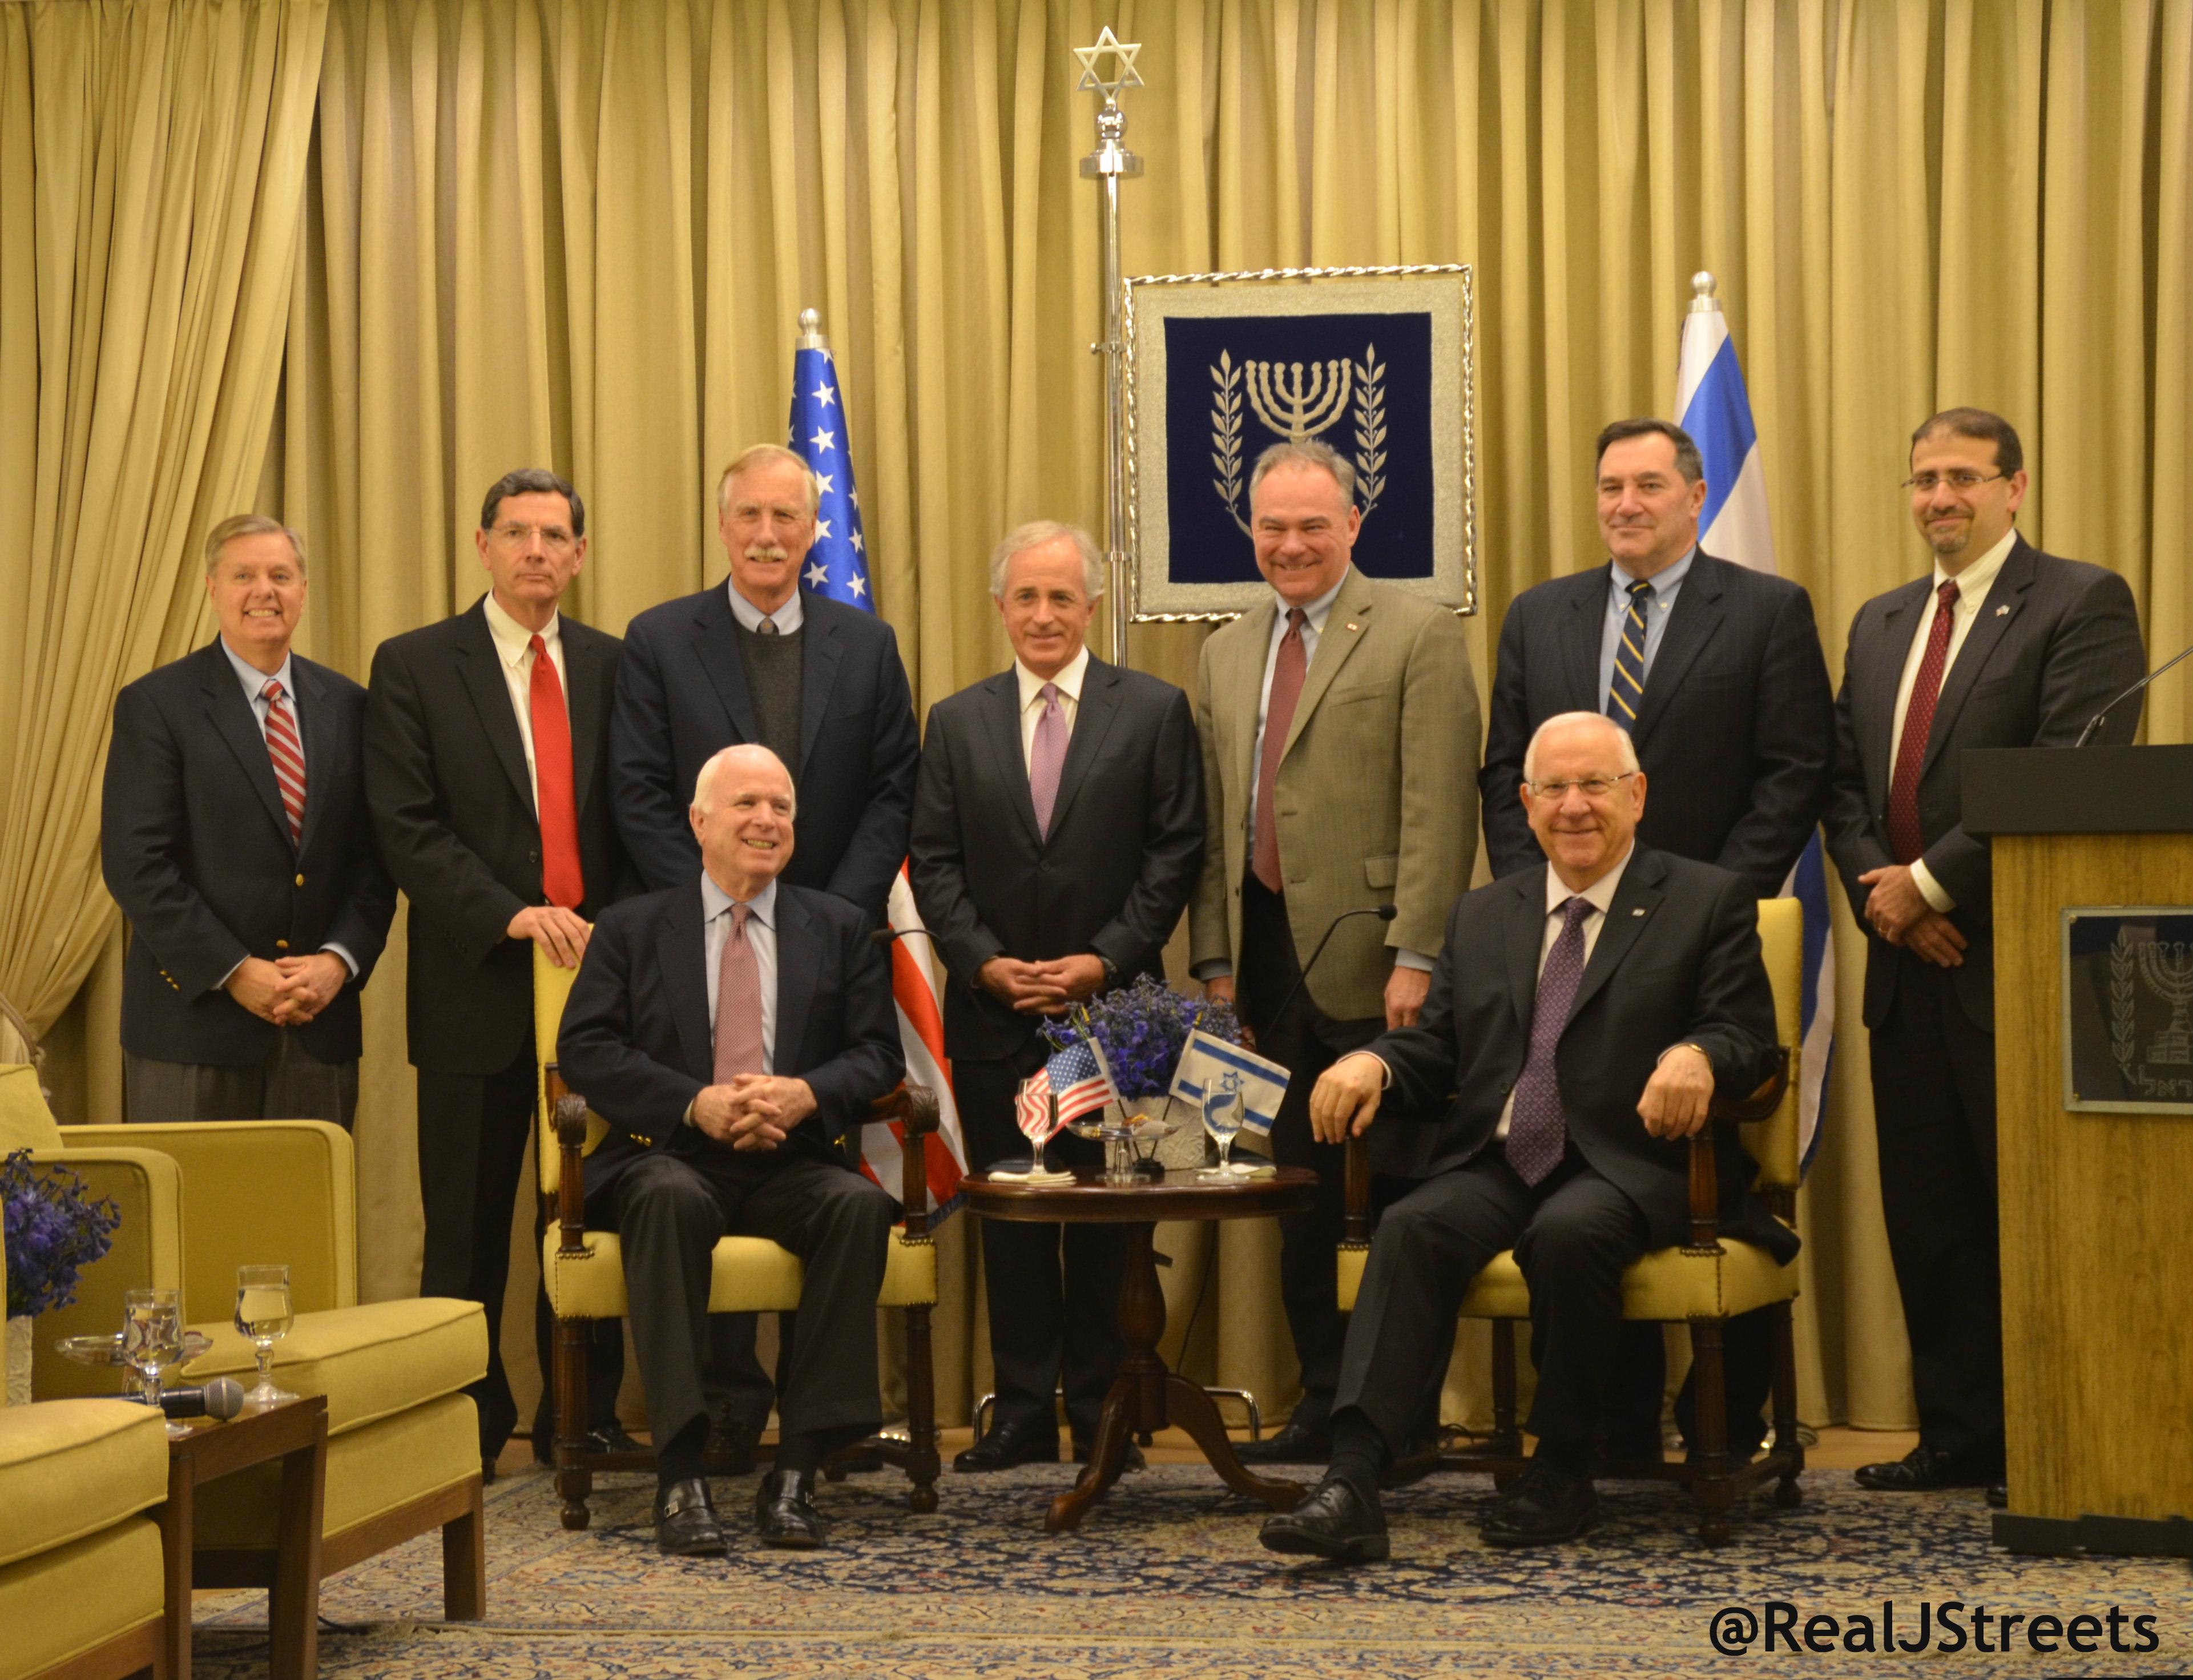 image US senators visit Jerusalem, israel